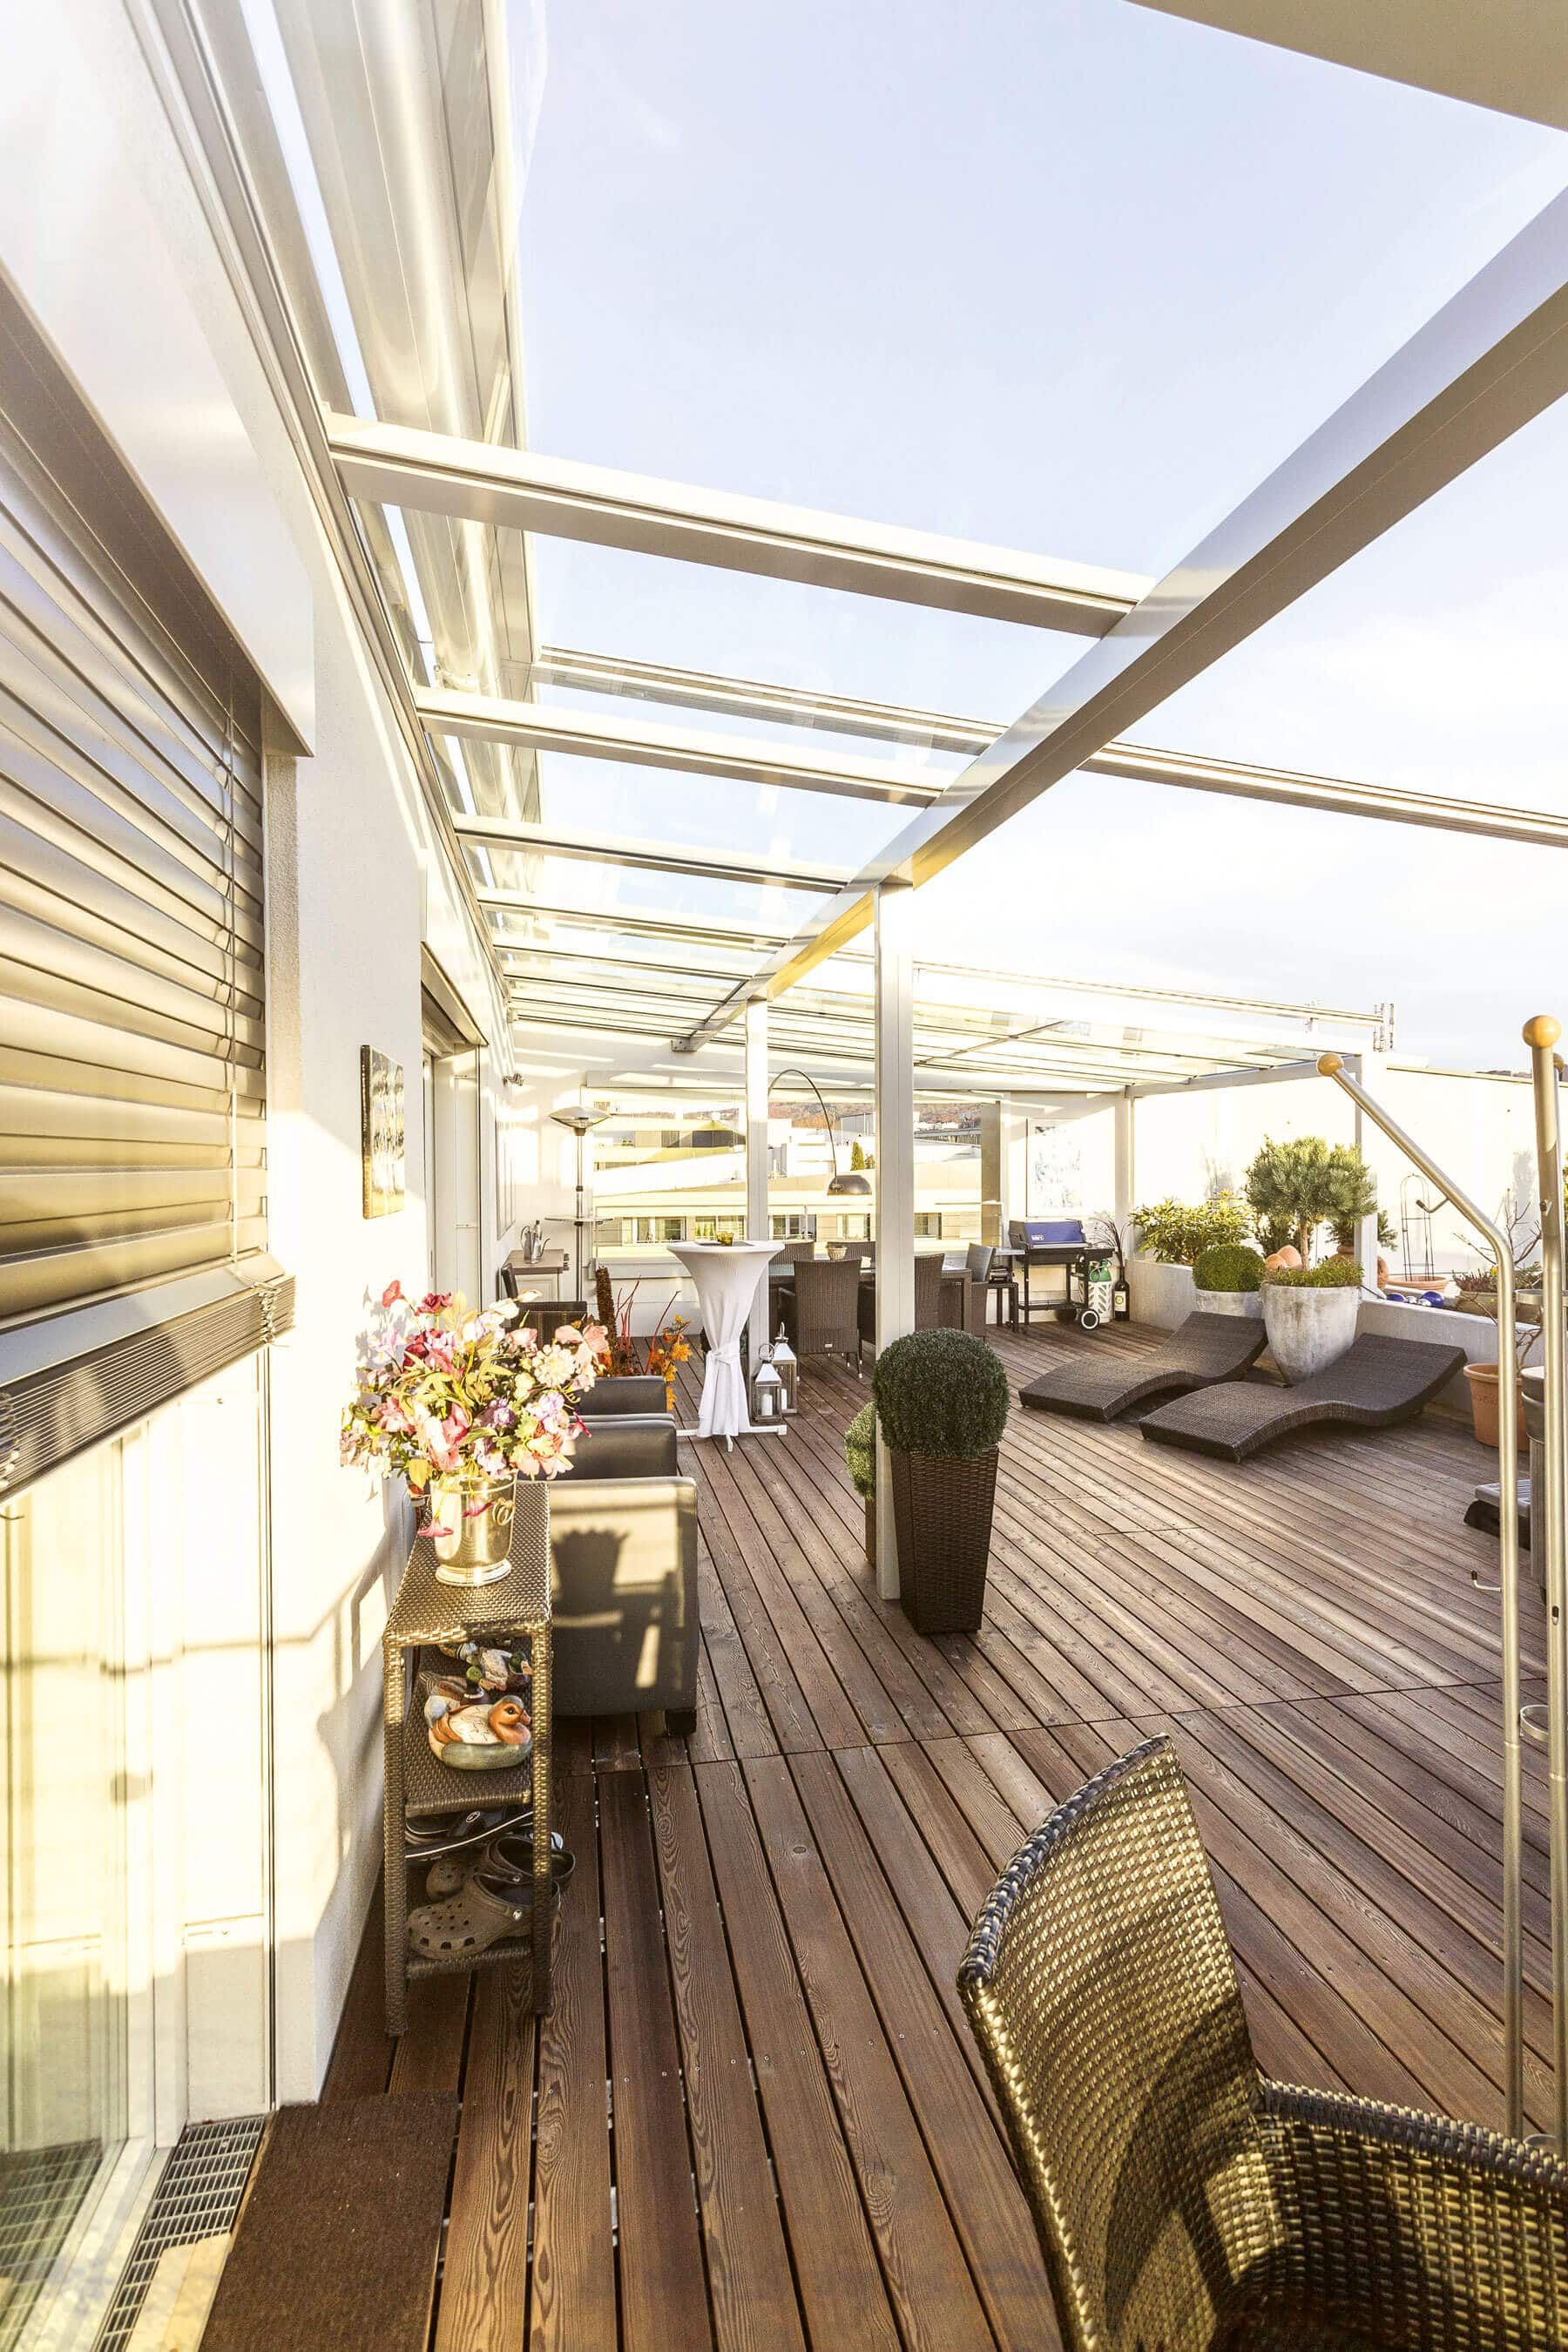 Windschutz für Balkon Wohnraumerweiterung mit Kunststoff Fenster